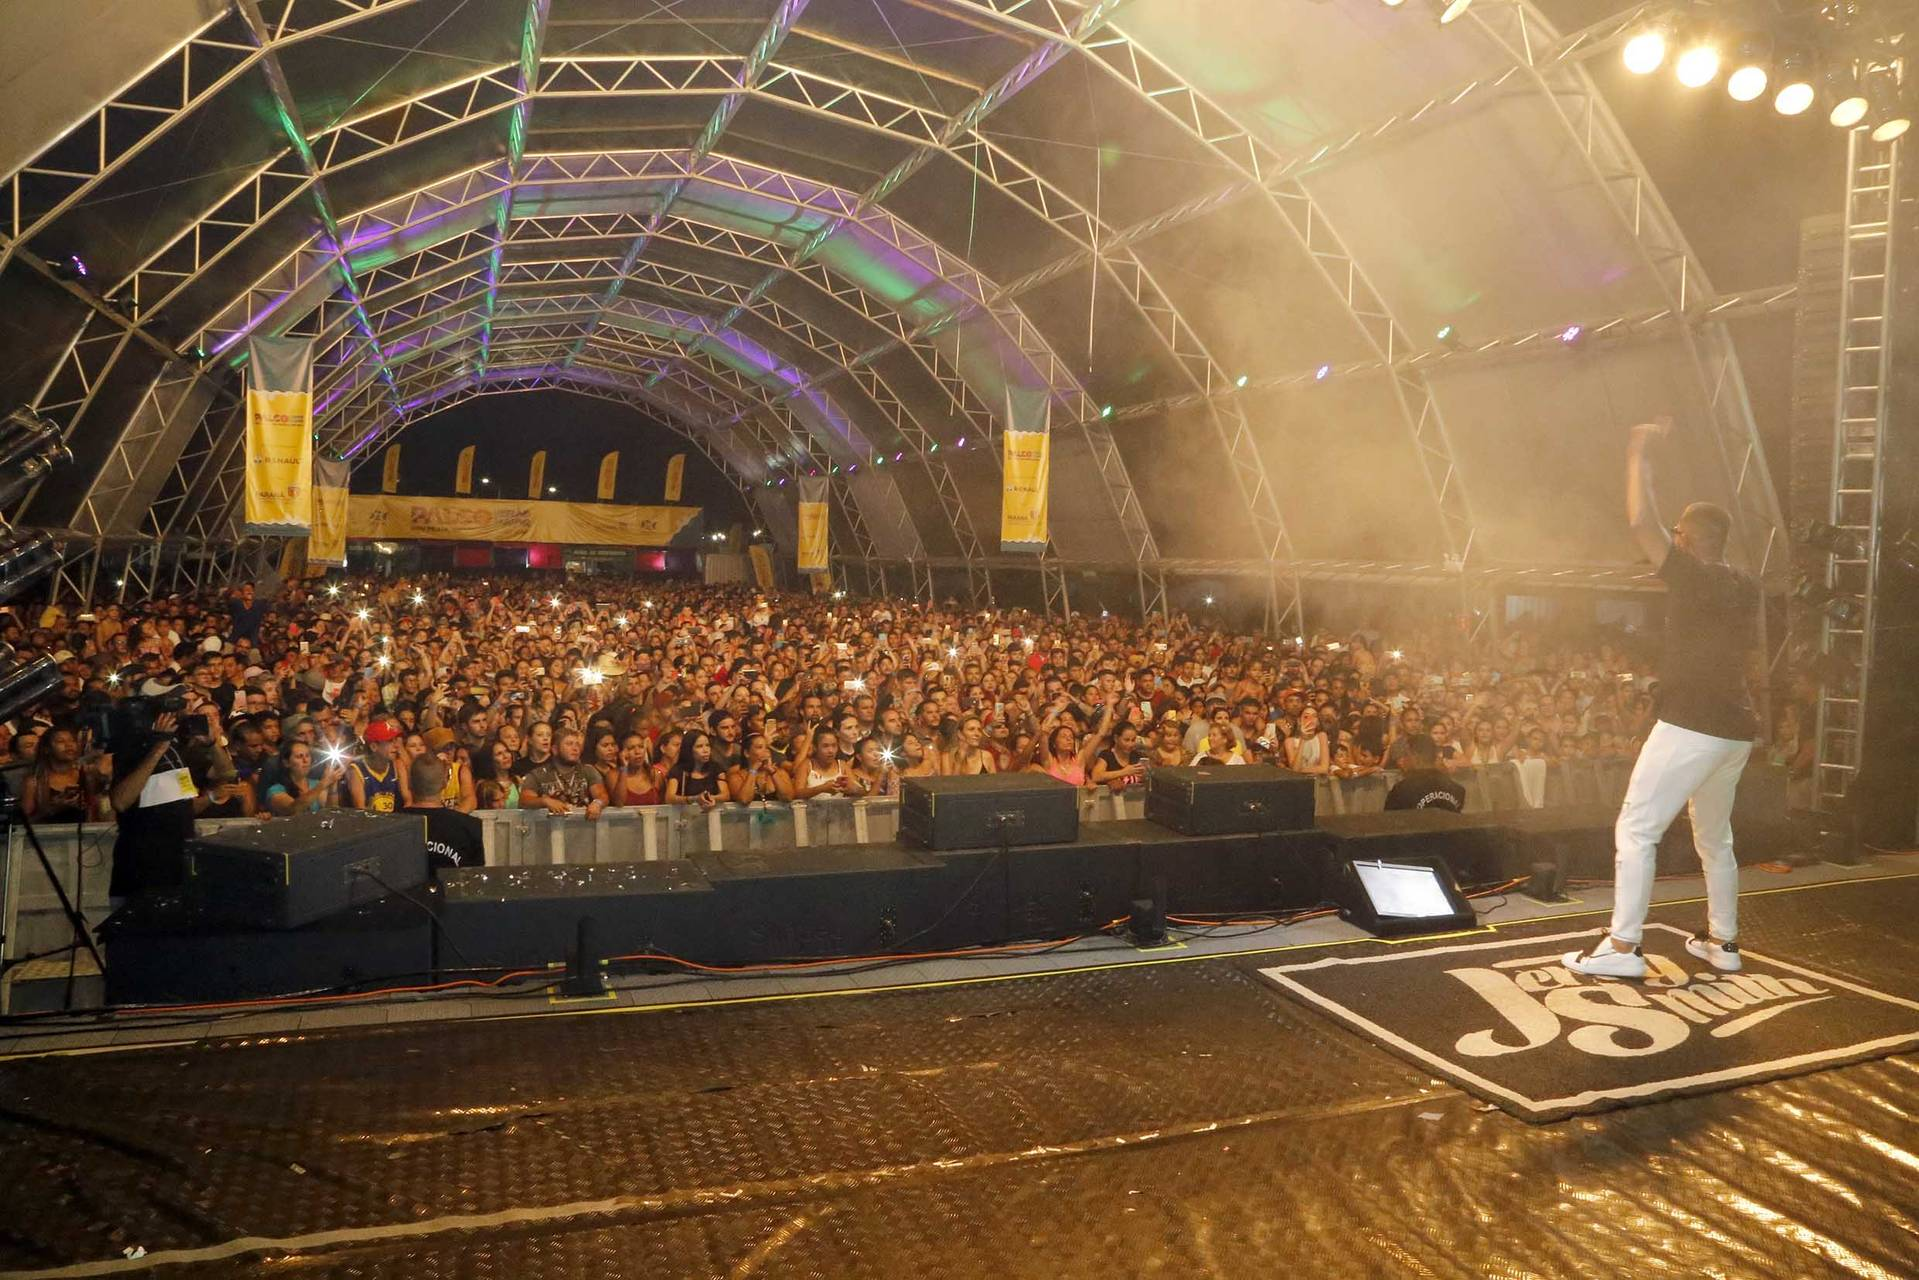 Quase 30 mil pessoas assistiram nesta sexta-feira (10) aos shows gratuitos da dupla sertaneja Edson e Hudson, em Matinhos, e do cantor de funk Jerry Smith, em Guaratuba.